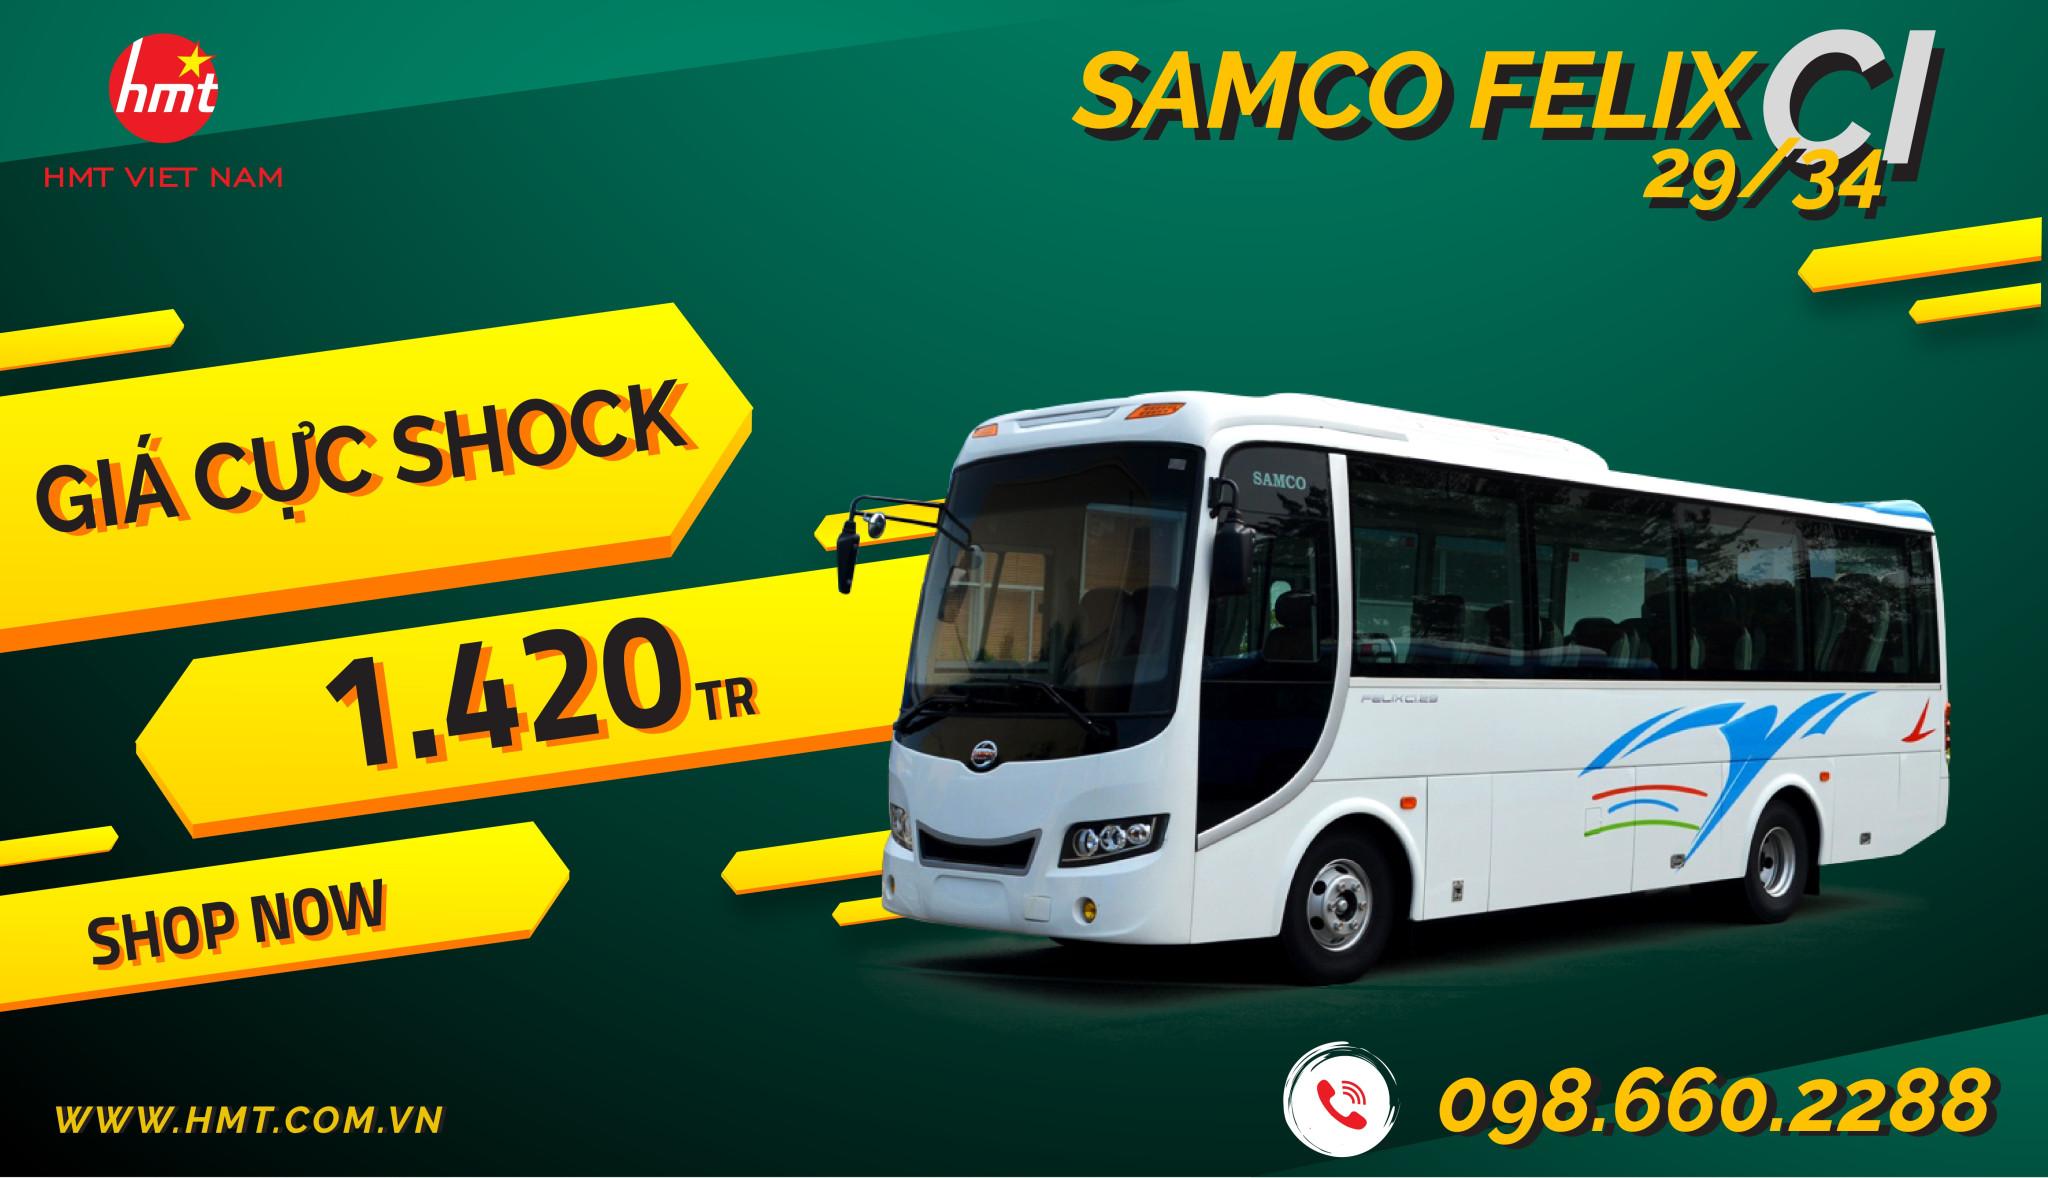 HMT-  XE KHÁCH SAMCO FELIX CI 29/34 CHỖ (MODEL 2017)